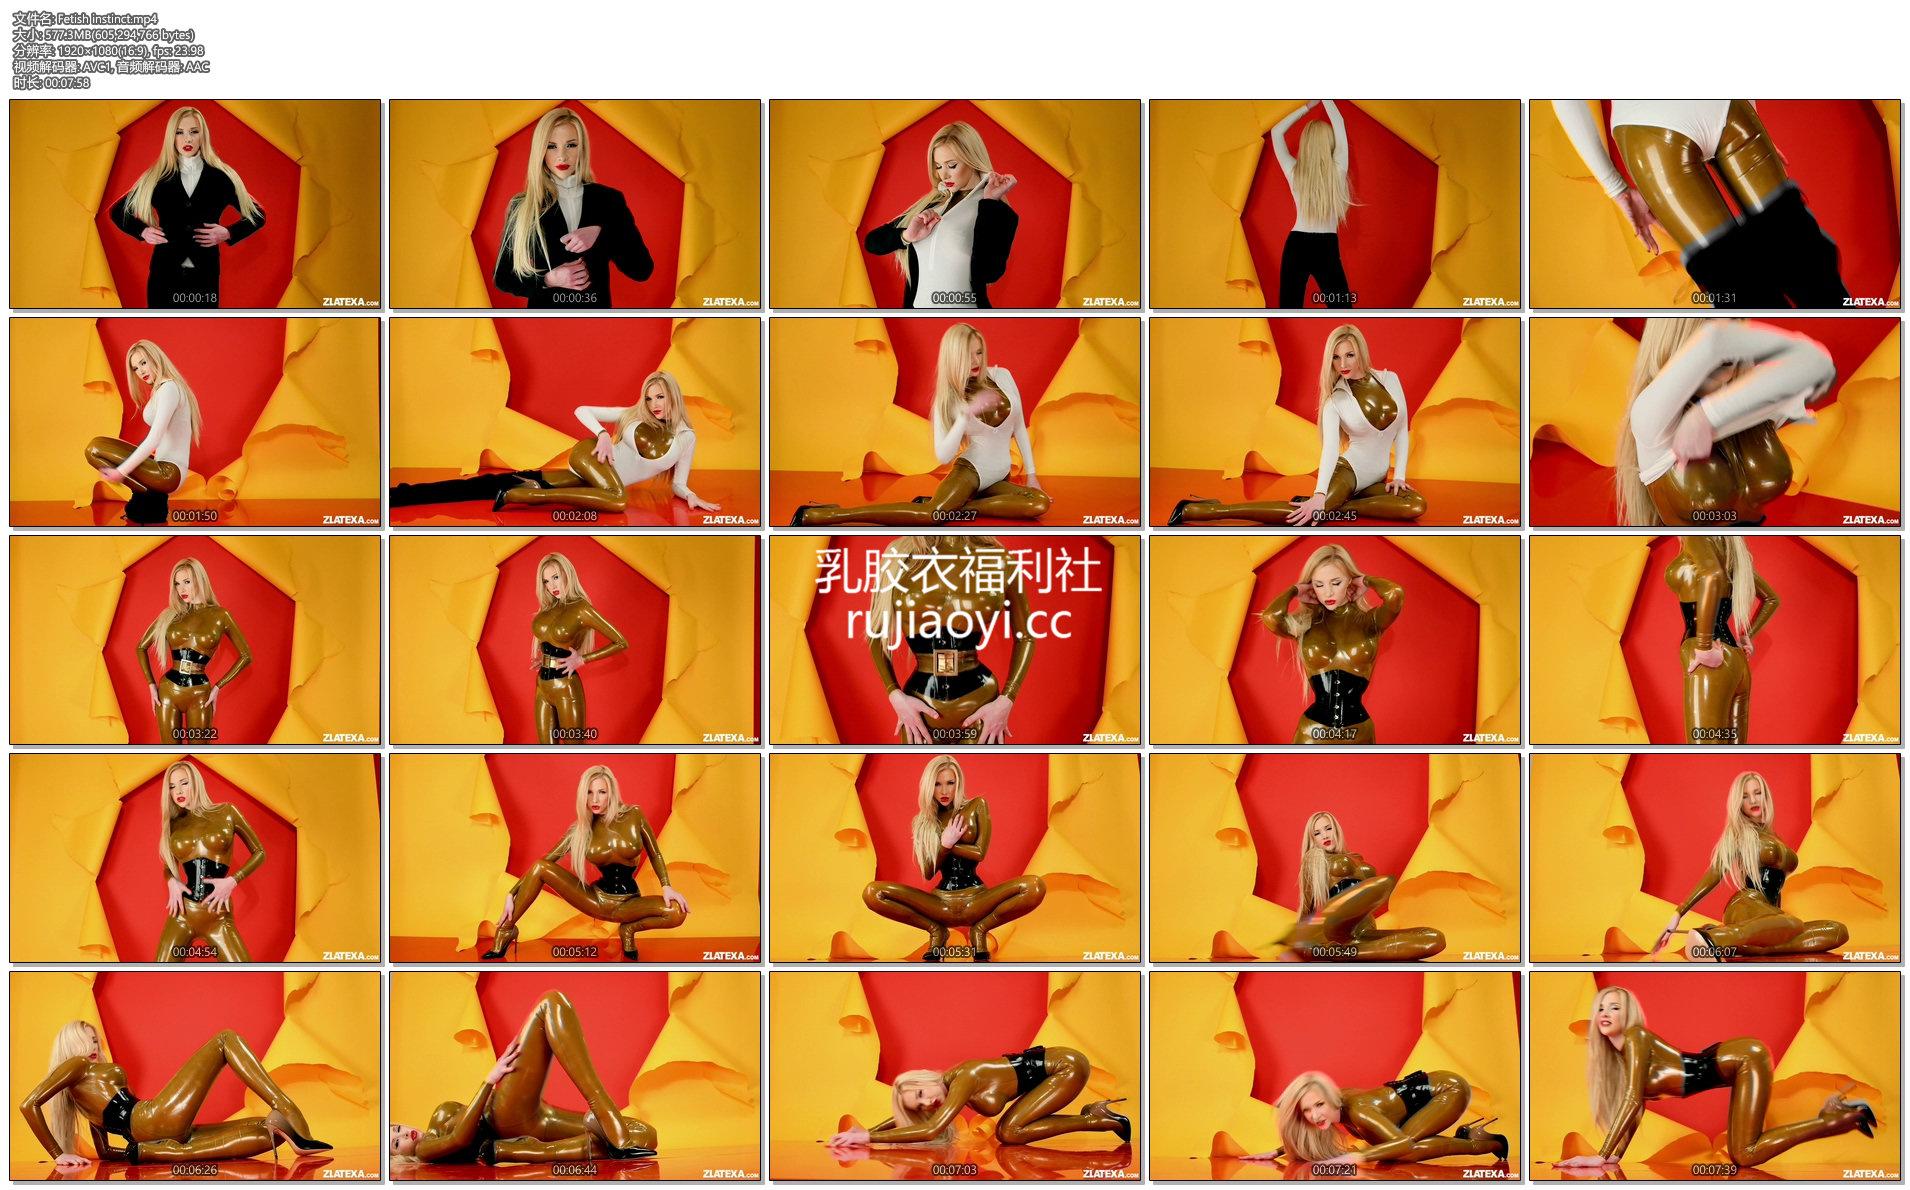 [永V专享-独家精品乳胶衣视频] 乳胶衣妹子在镜头前展露诱惑惹火身材-1080p高清视频 [1V/577M]